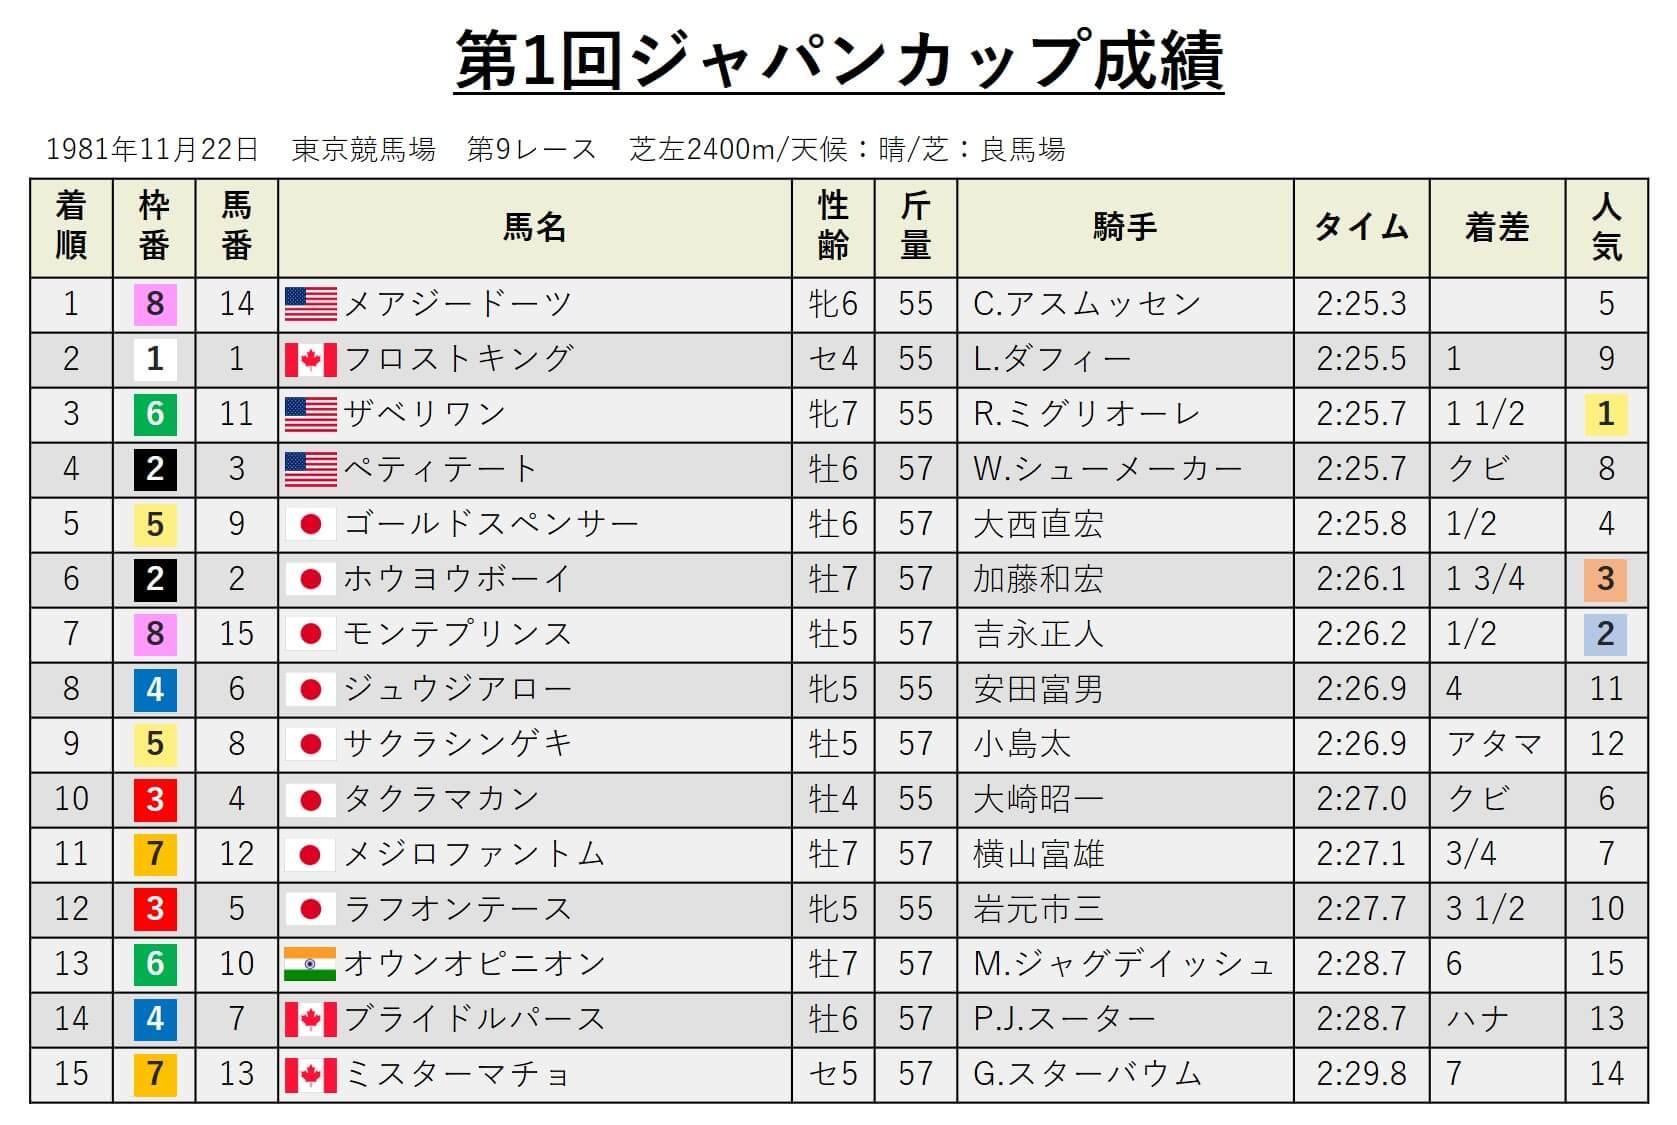 第1回ジャパンカップ・データ